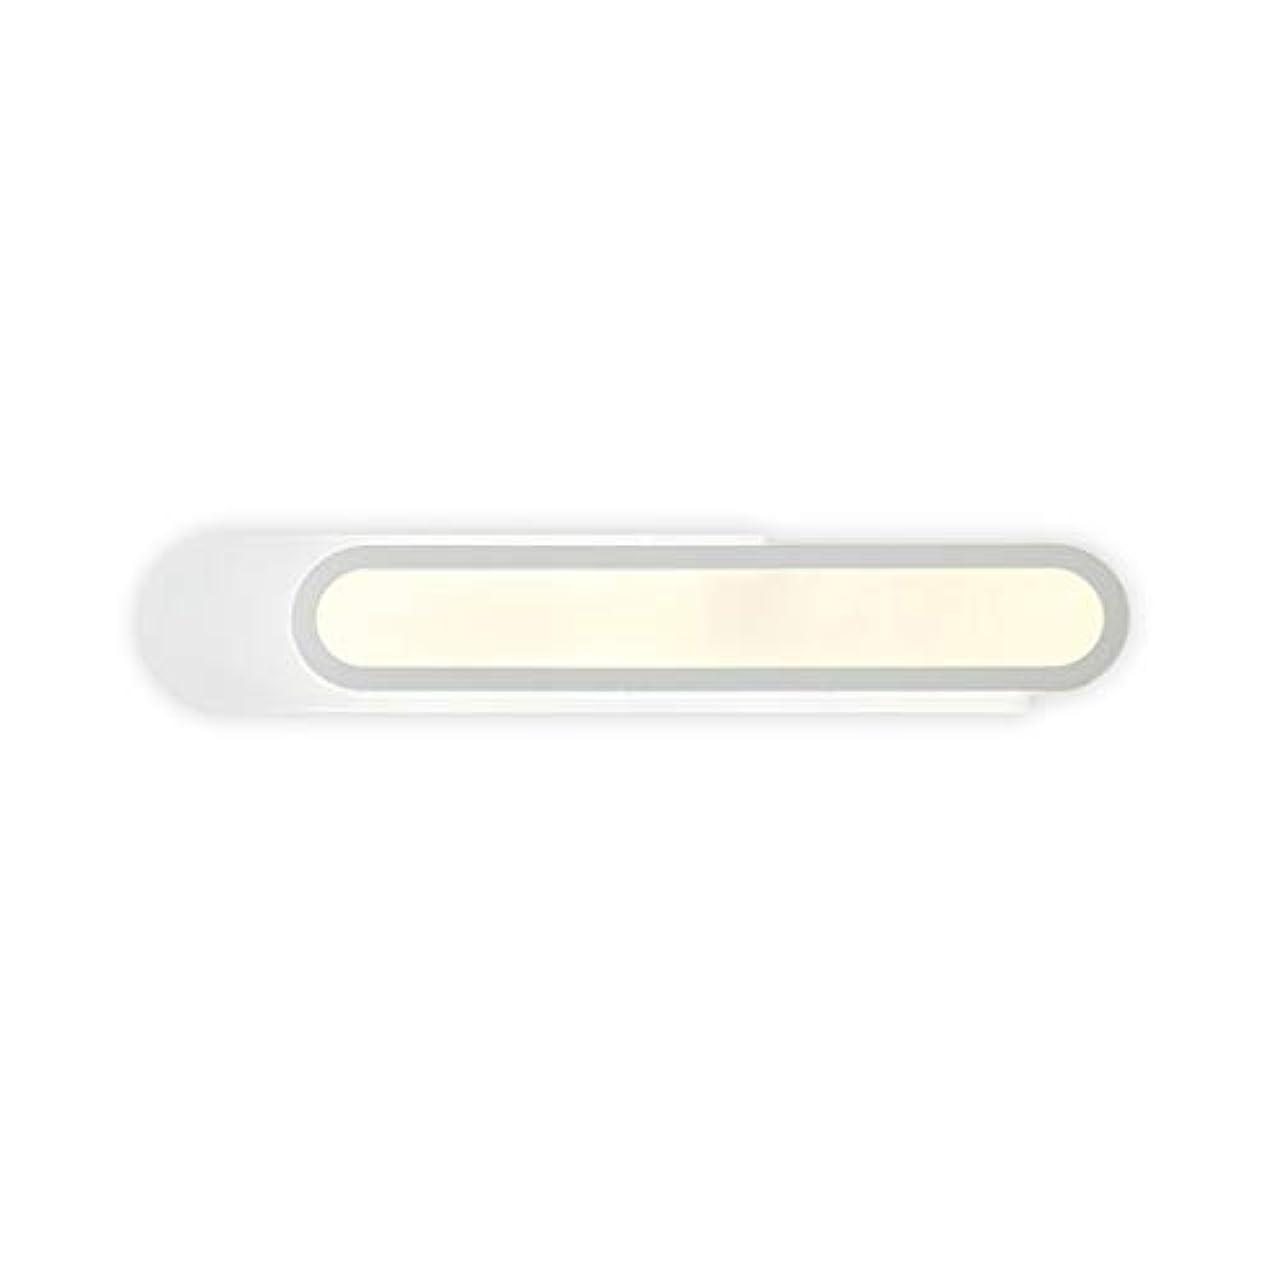 メタルラインコンプリート汚れた風呂場照明 ミラーフロントライトシンプルなパーソナリティリングLEDアクリル多機能ウォールランプ 浴室灯 (Color : Warm light, Size : 37W/50CM)